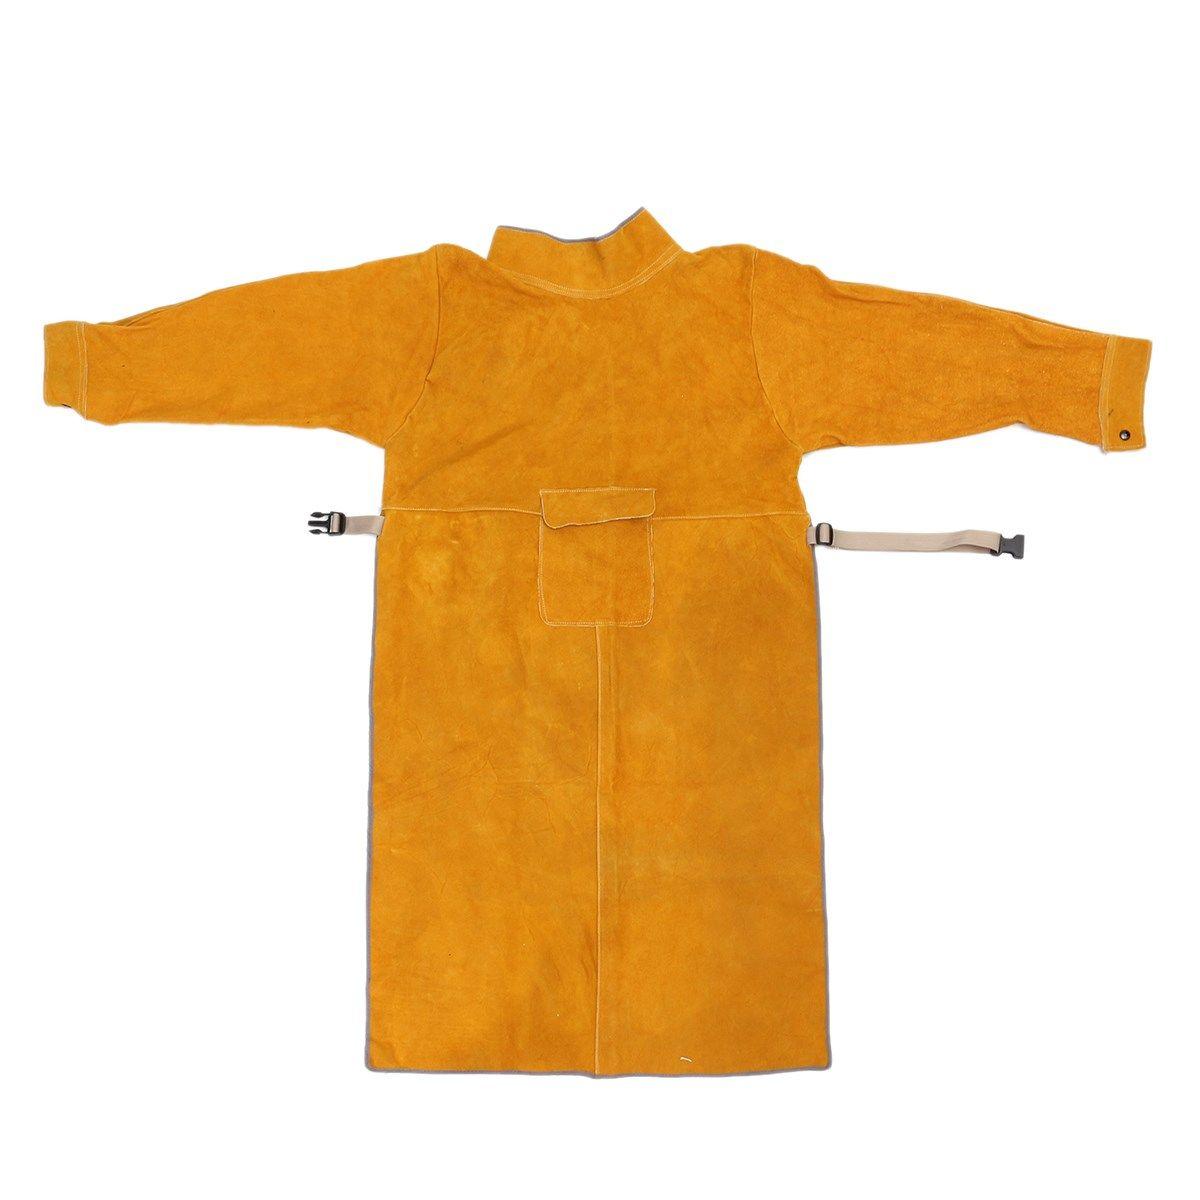 Strapazierfähigem Leder Schweiß Lange Mantel Schürze Schutzkleidung Anzug Schweißer Arbeitssicherheit Kleidung